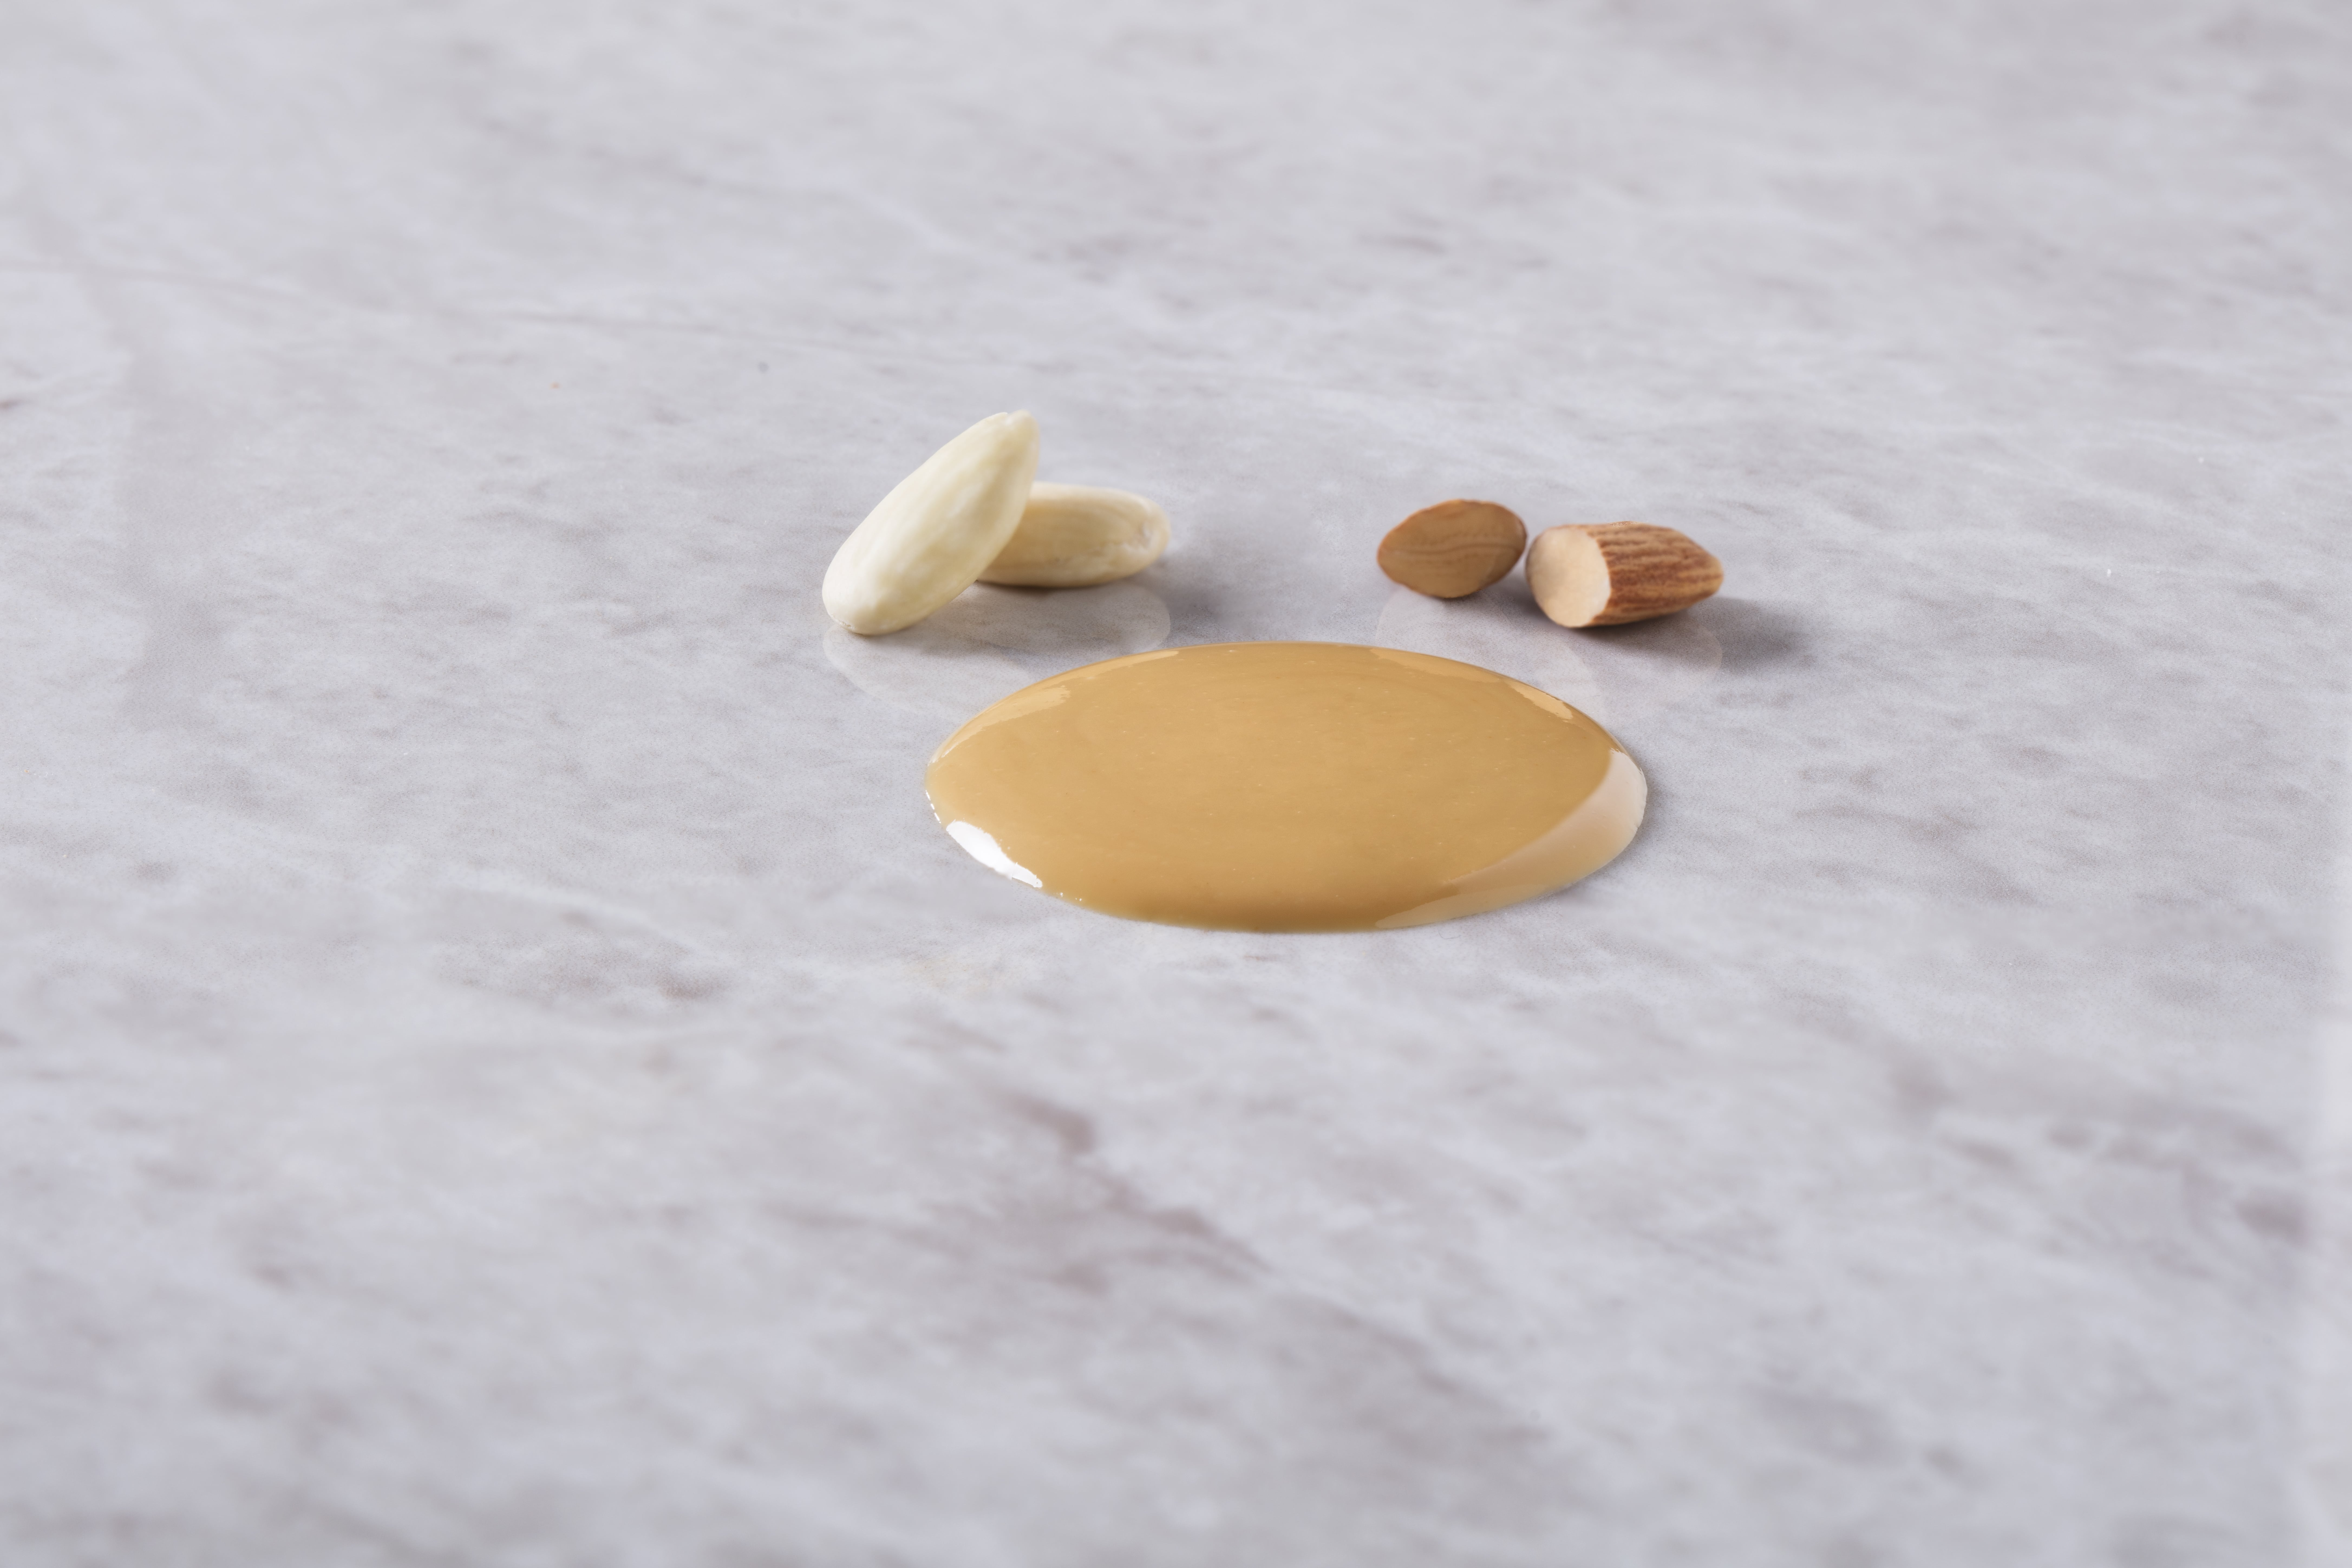 Pasta de amêndoa natural